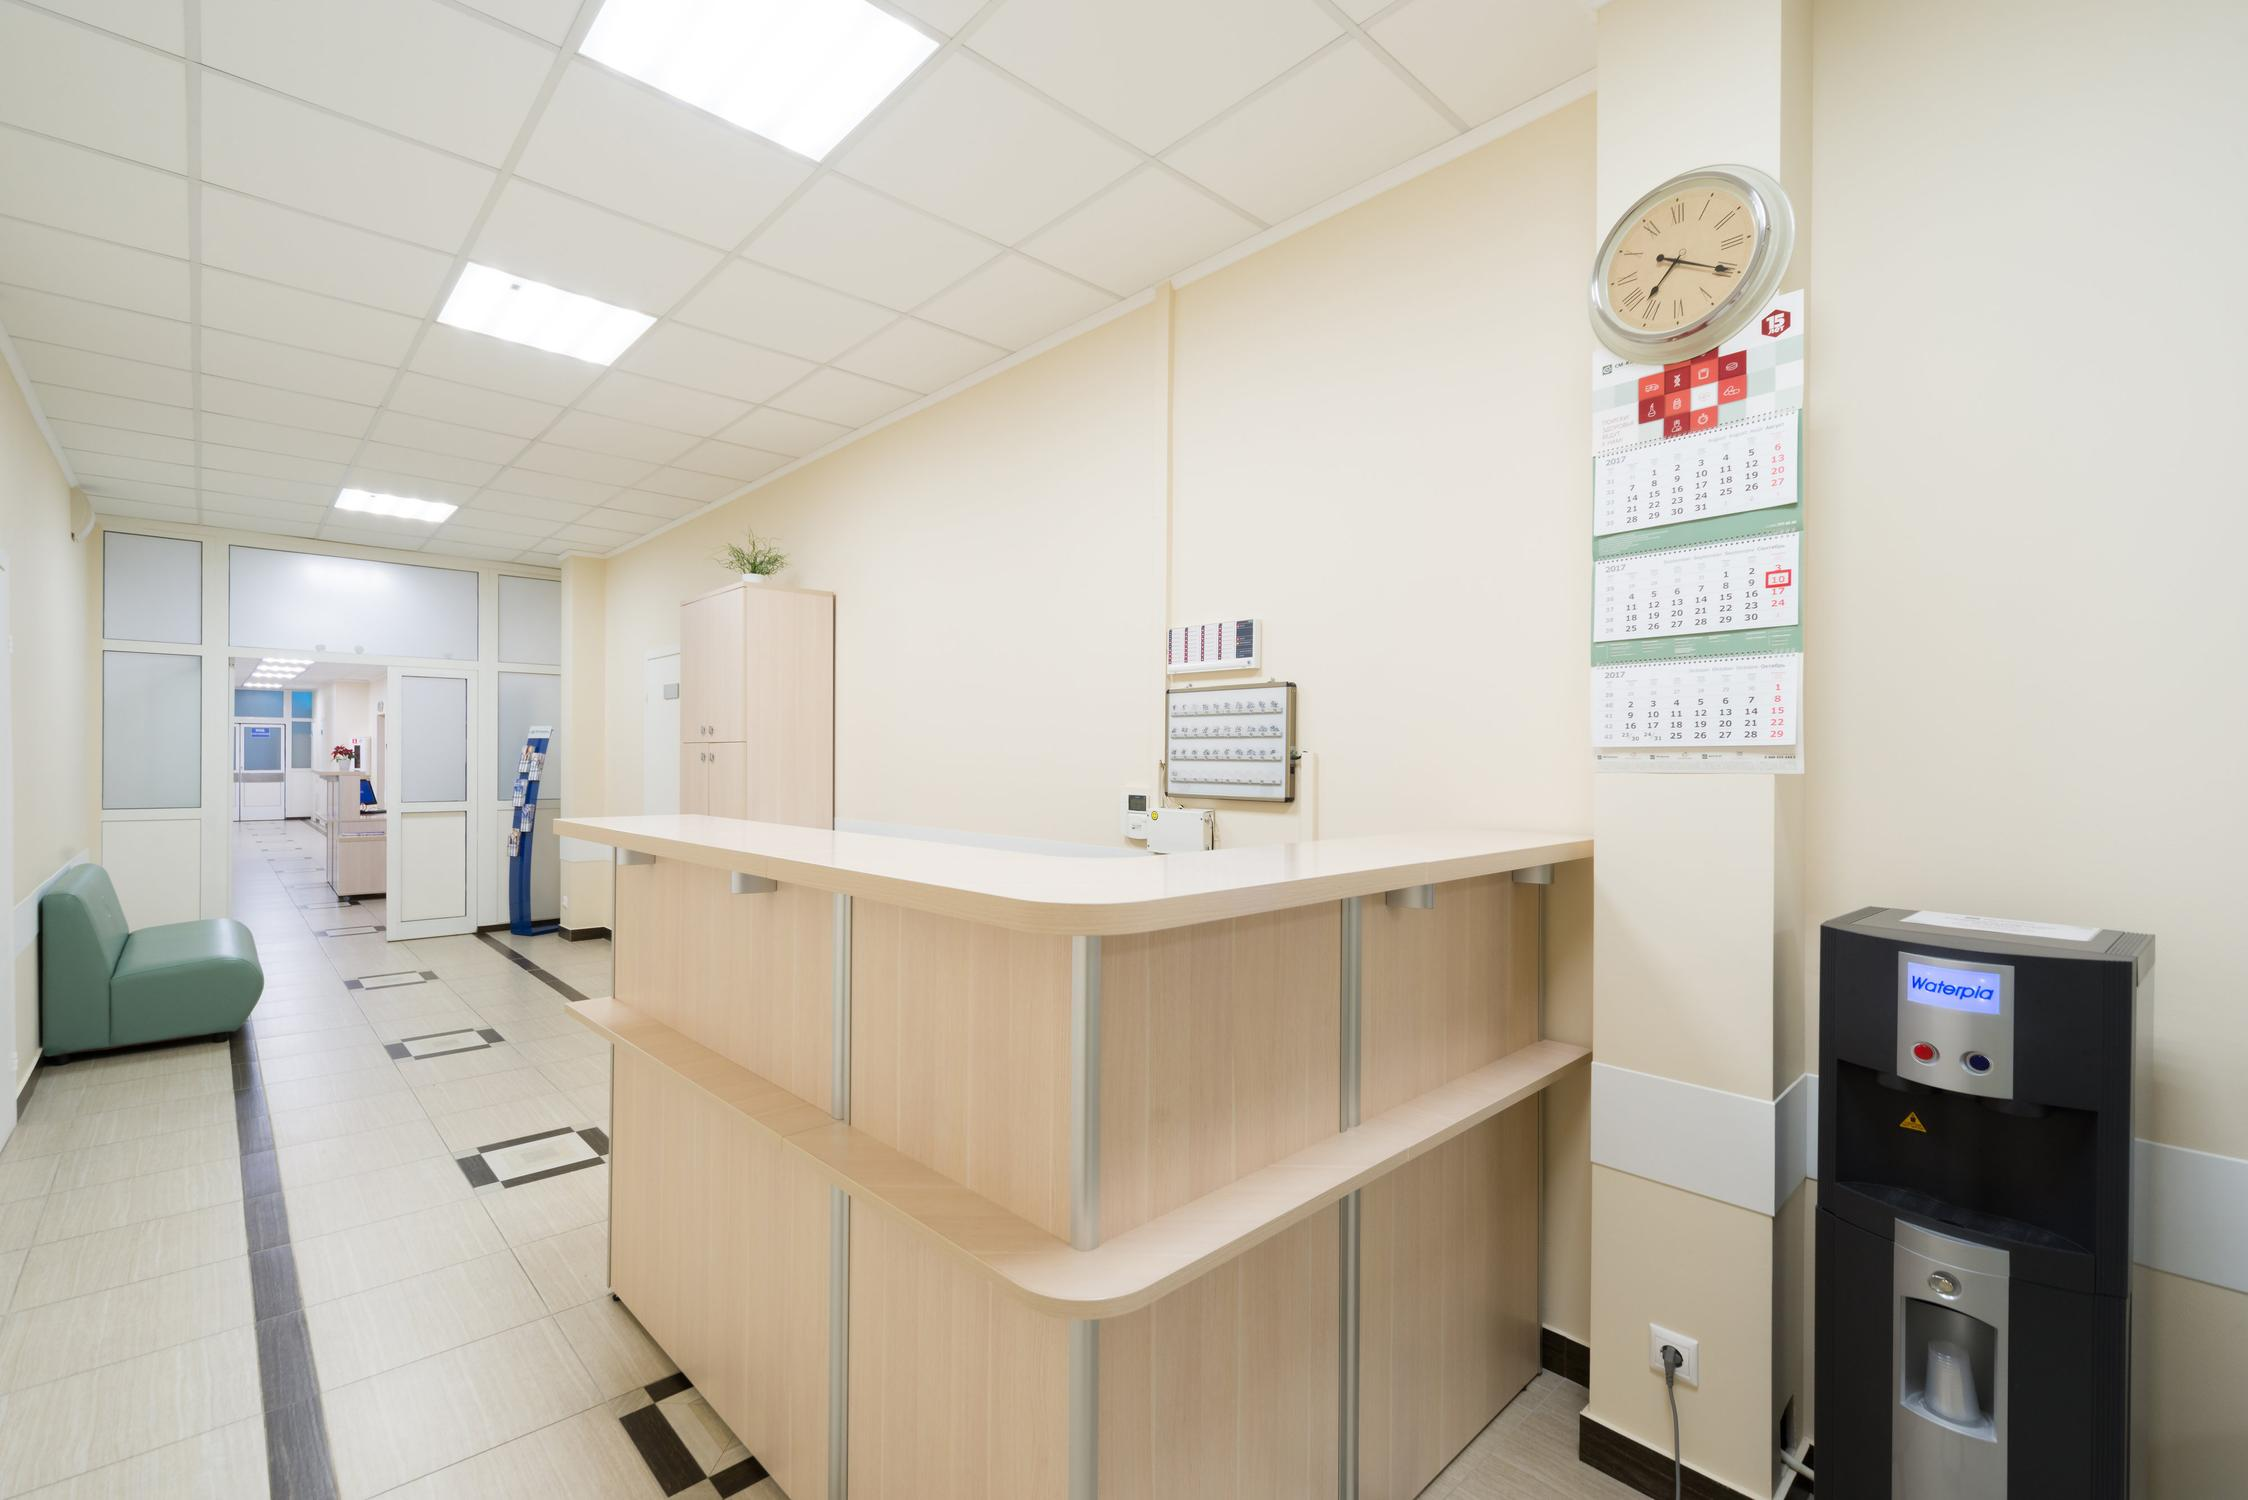 фотография Многопрофильного центра СМ-Клиника на Ярославской улице